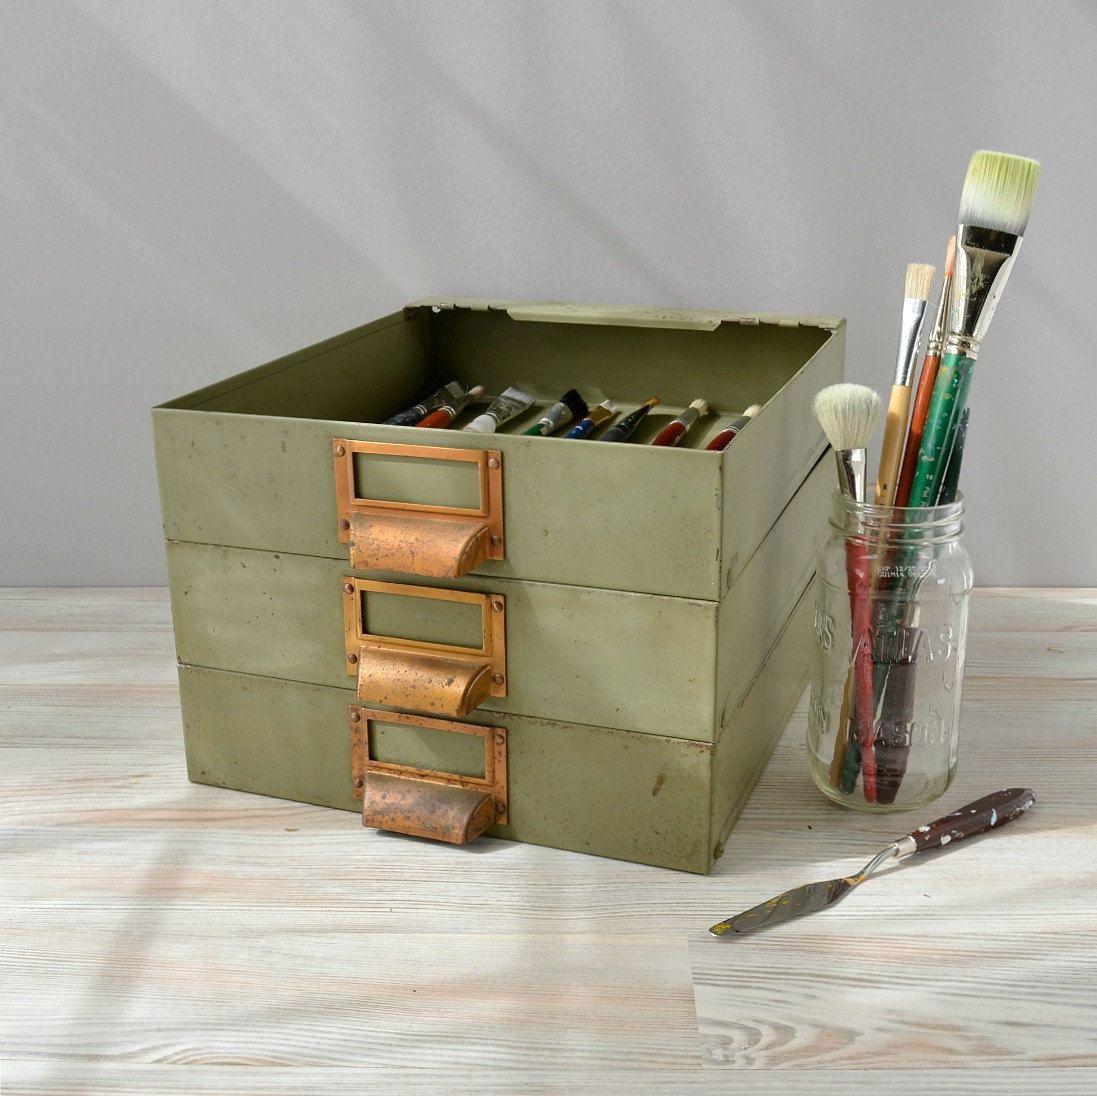 Industrial Metal Storage Bins Vintage Metal File Drawers With Brass Drawer Pulls Set Of 3 Vintage Metal Storage Bins Metal Storage Bins Storage Bins Storage